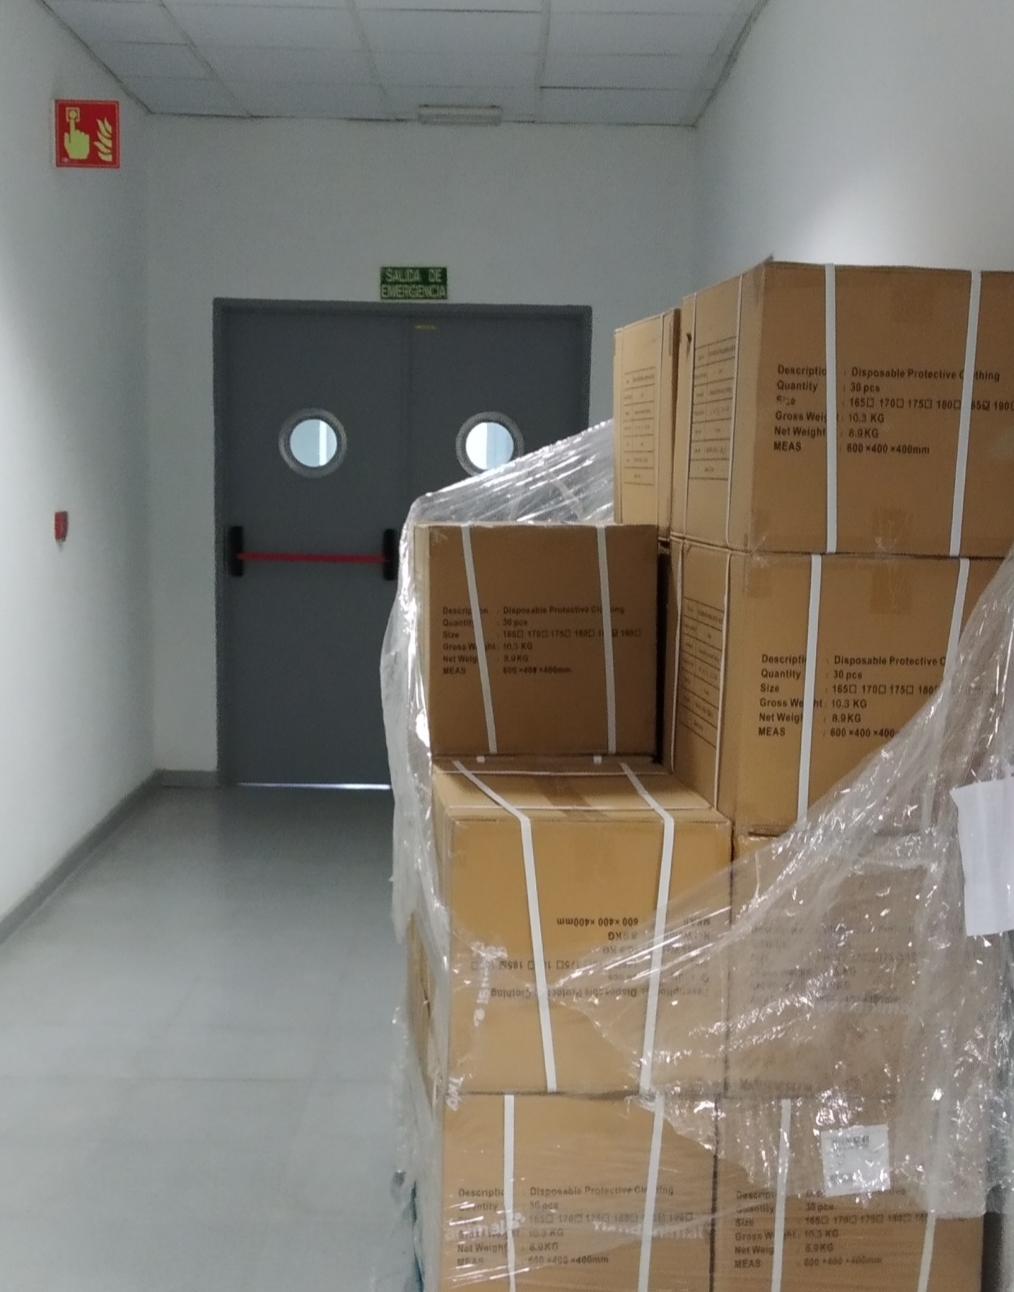 Los pasillos del Hospital están repletos de palets y cajas con material, taponando las salidas de emergencias y dificultando una posible evacuación